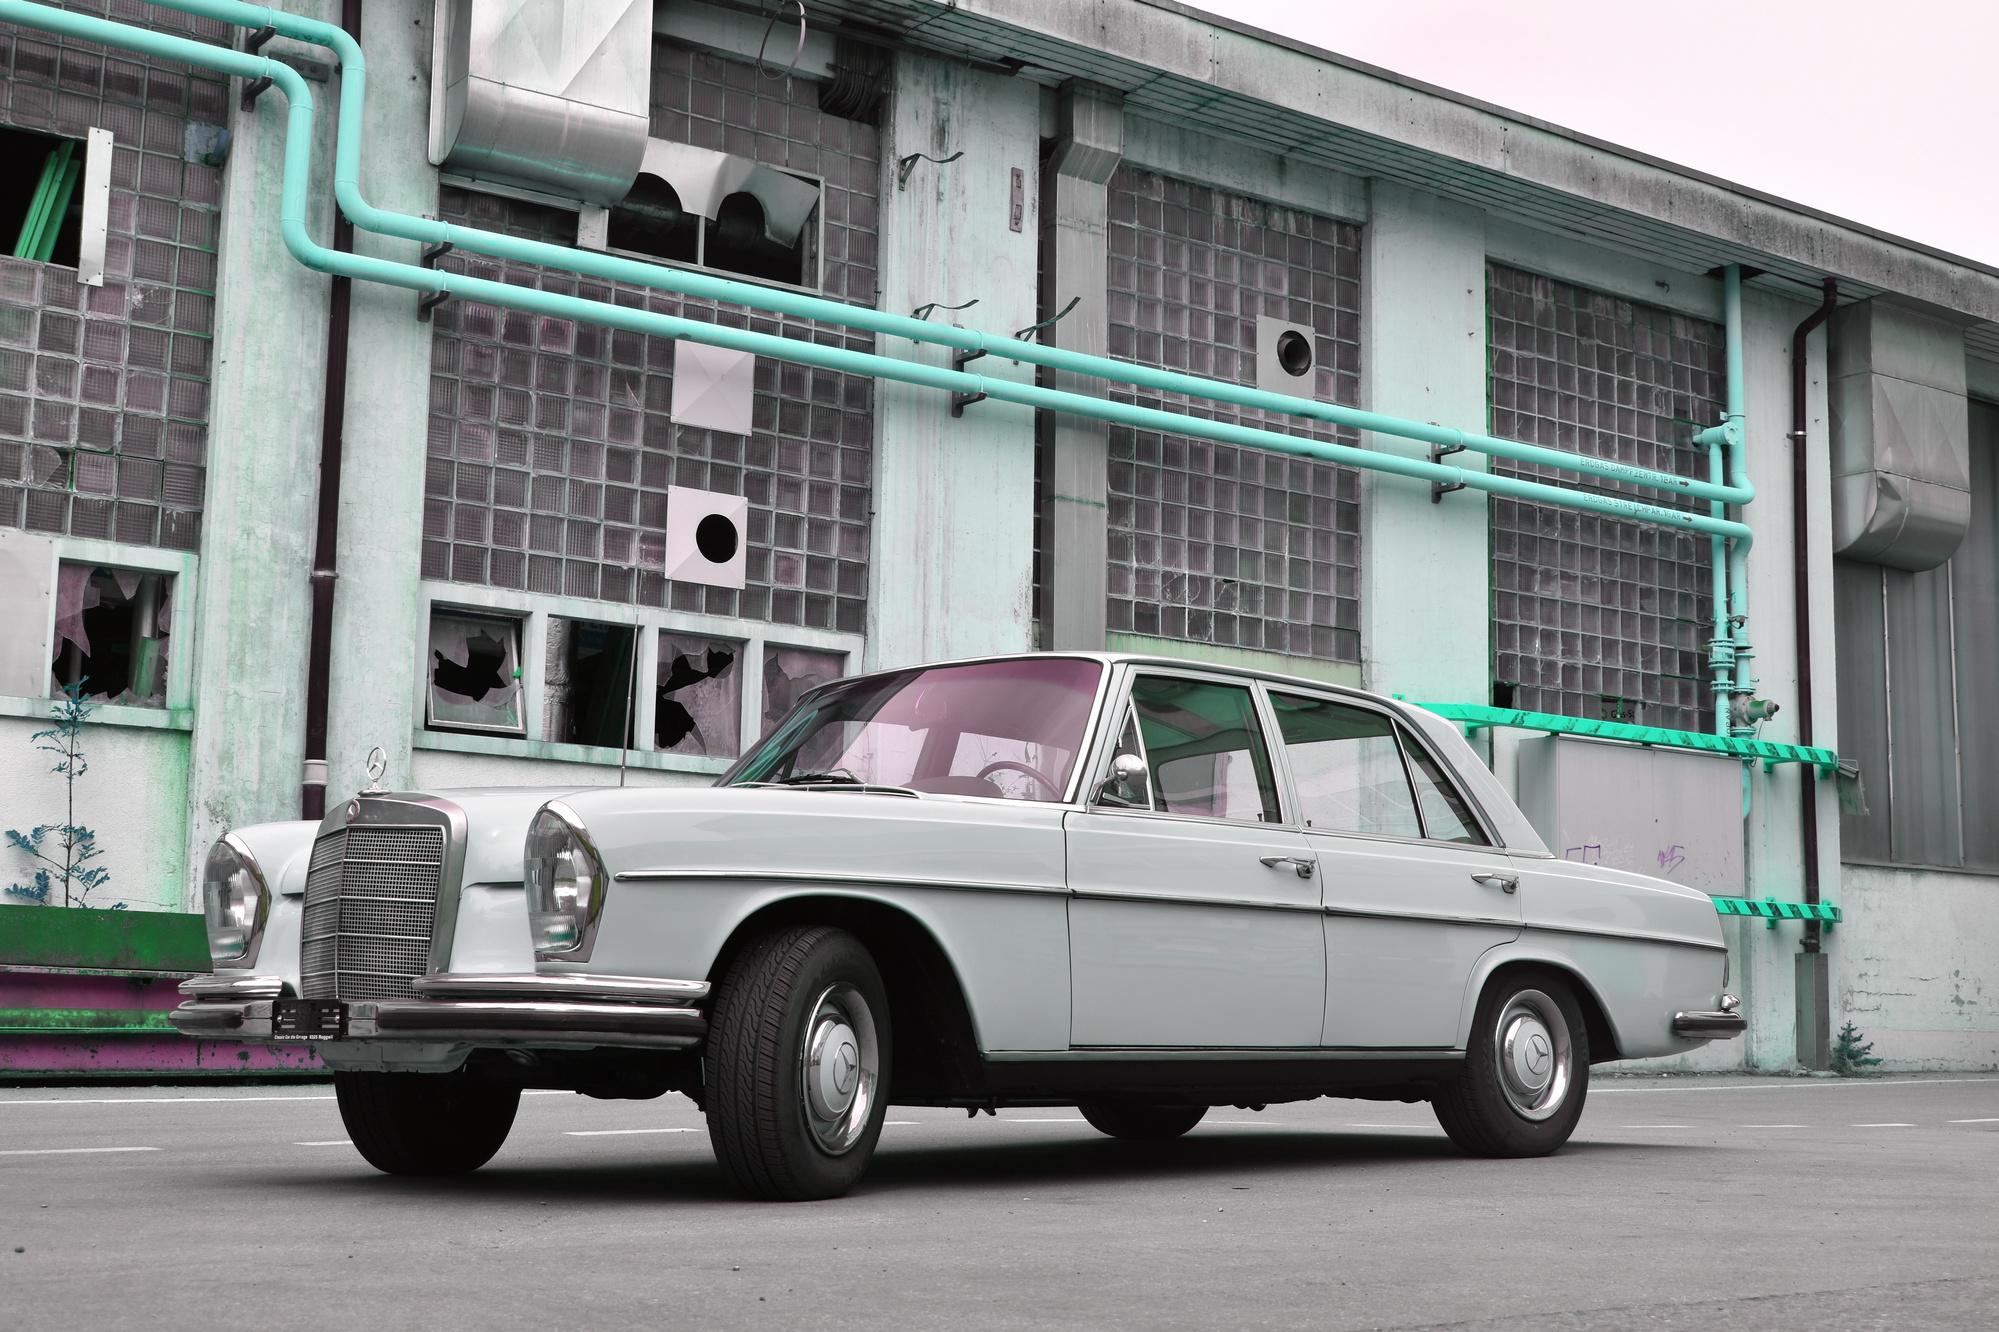 Ein Mercedes-Benz 250 SE Oldtimer in der Farbe hellbeige aus dem Jahre 1966 in Frontansicht vor einem in die Jahre gekommenen Industriegebäude